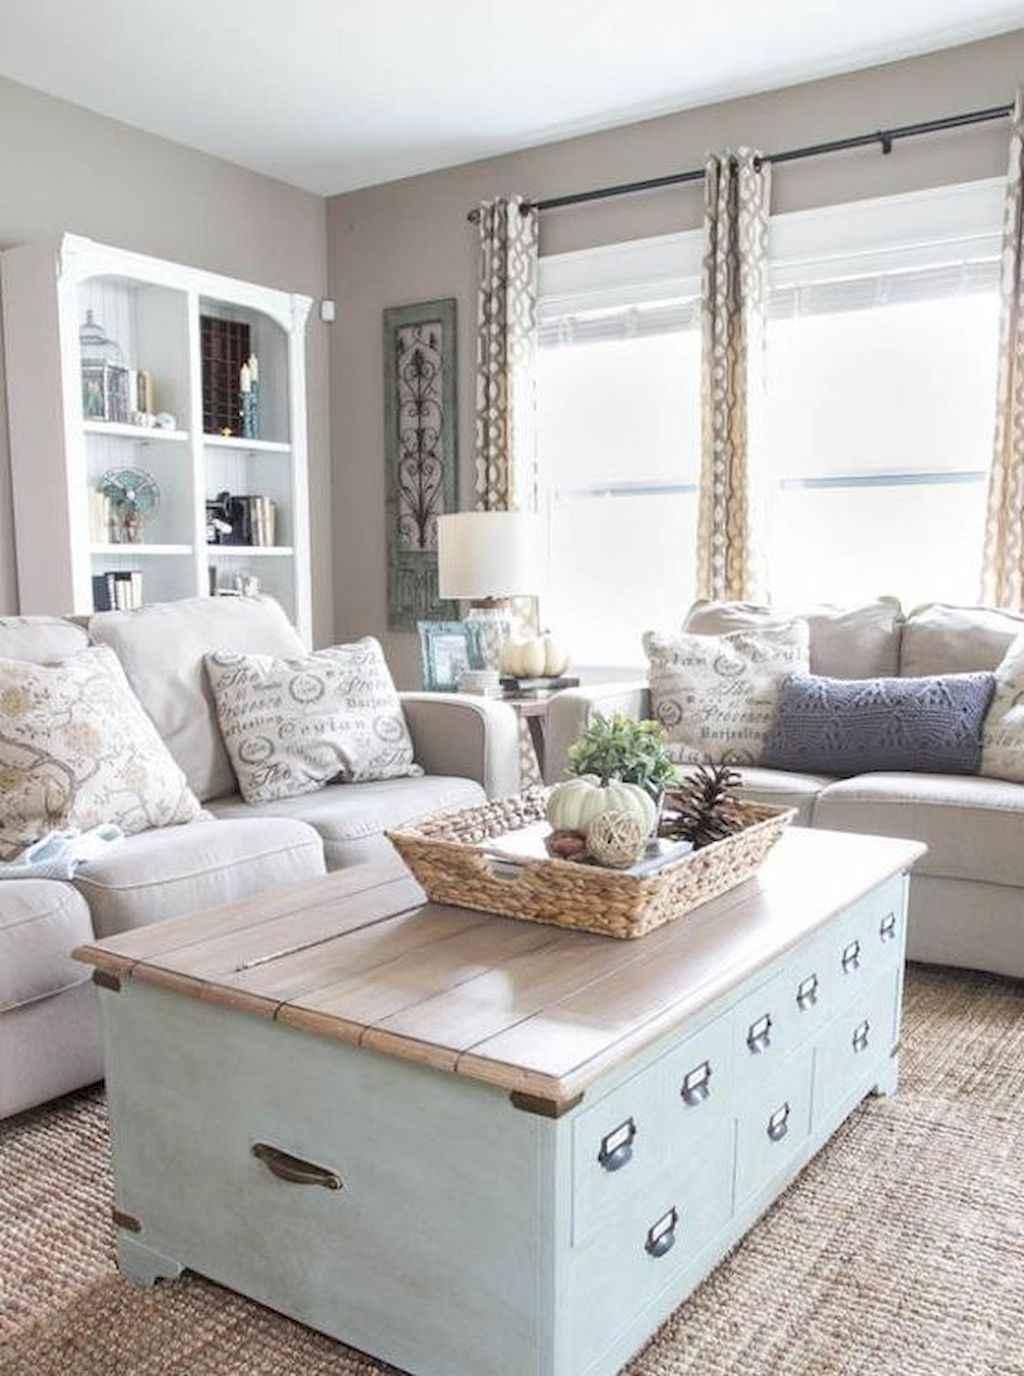 60 modern farmhouse living room first apartment ideas 26 rh coachdecor com